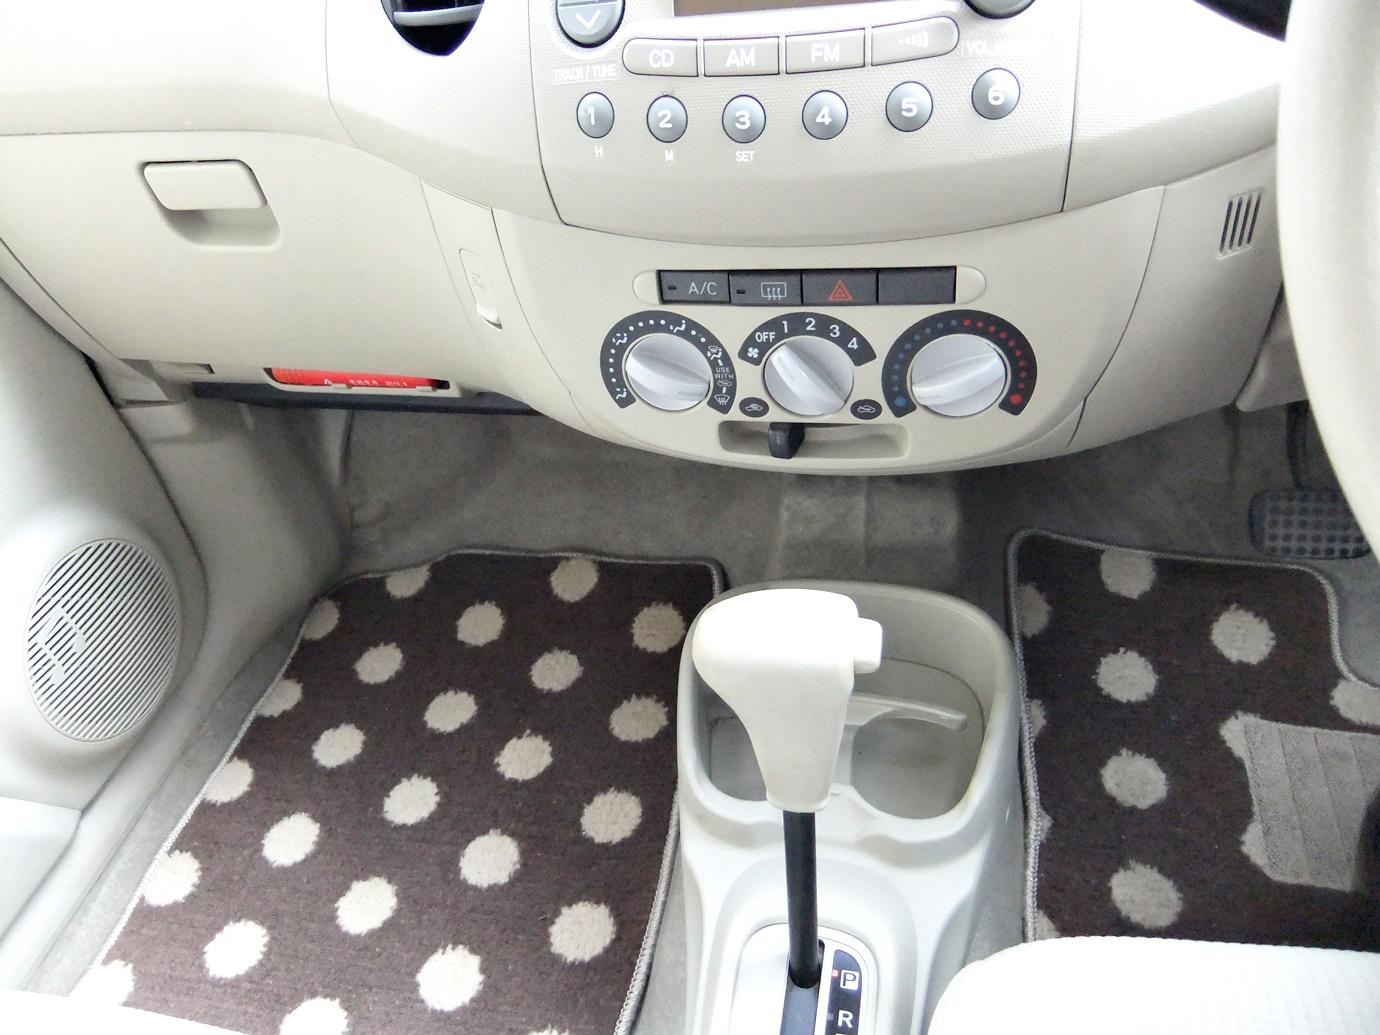 ダイハツ エッセ 中古 軽自動車 2年保証付き 安心保証 DBA-L235S 走行浅 販売 買う 鹿屋 鹿児島